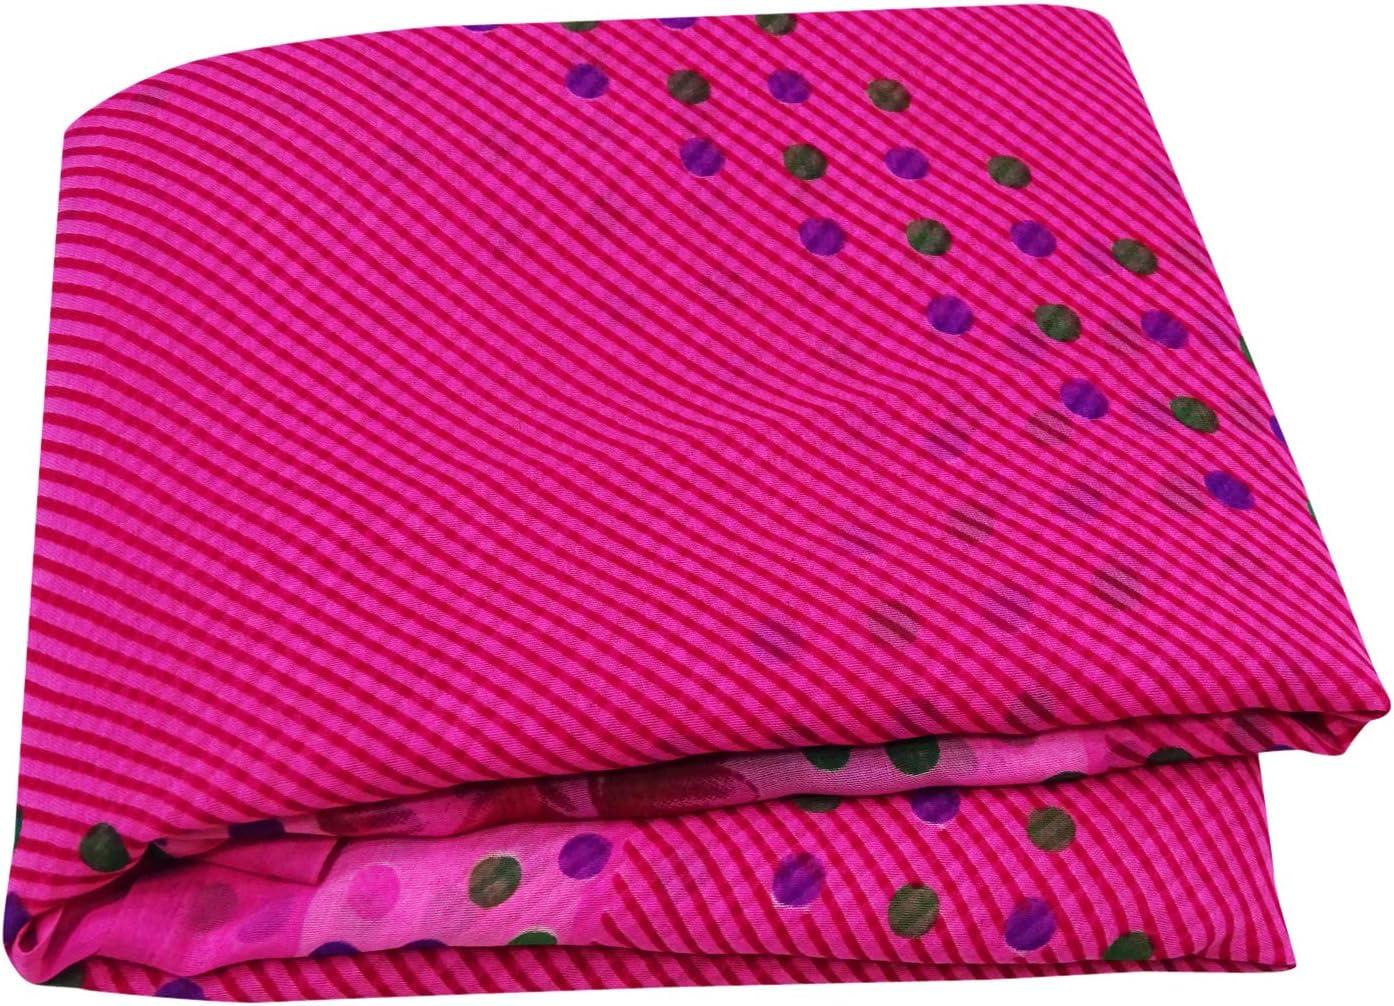 Old Saree Vintage Sari Used Saree Used Drapes Vintage Saree Fabric Sari Fabric